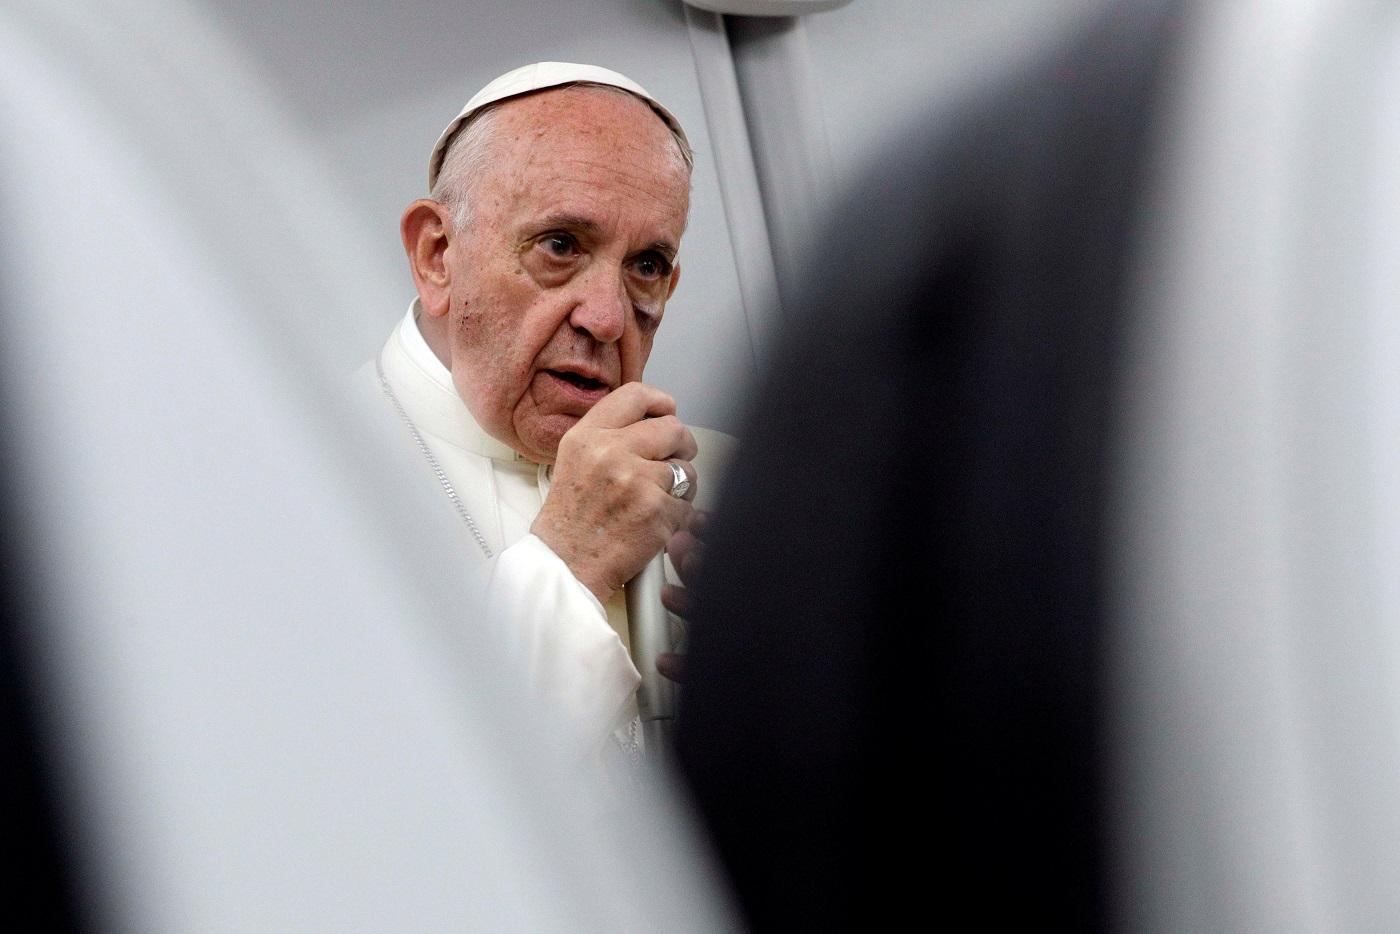 Пресс-конференция Святейшего Отца на борту авиалайнера во время обратного перелета из Колумбии